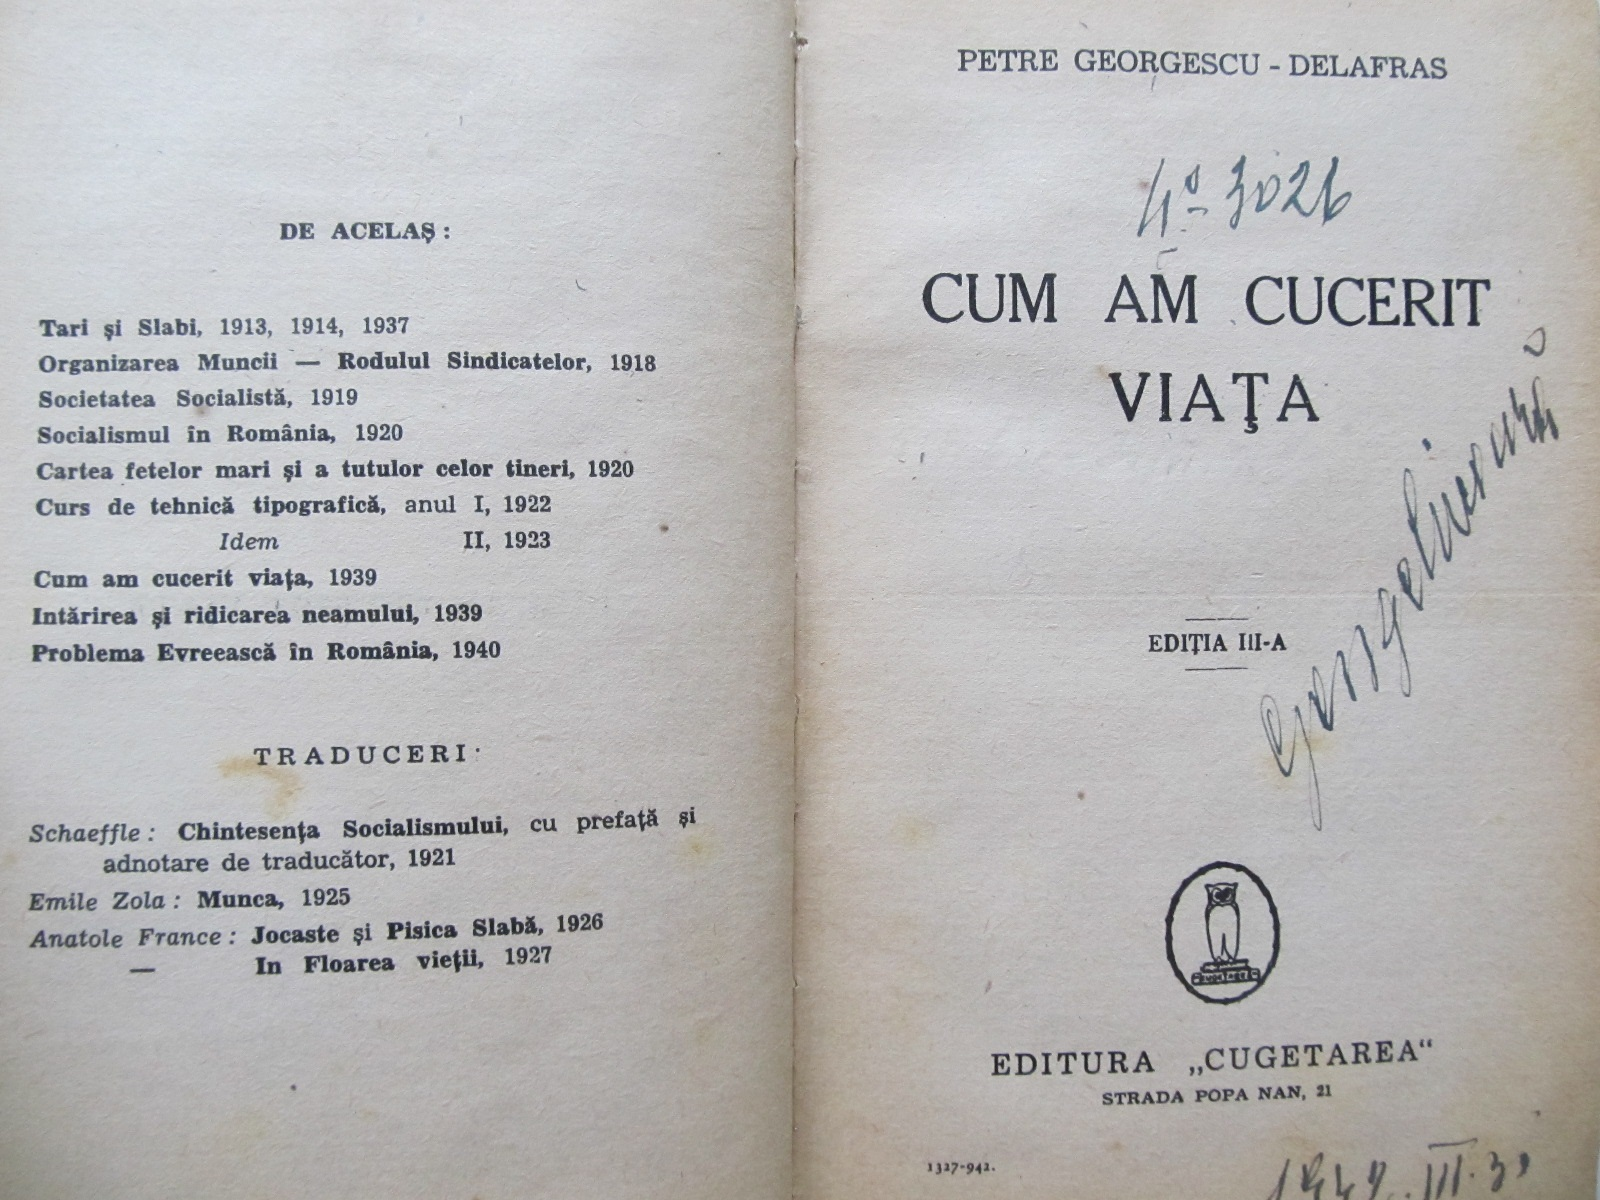 Cum am cucerit viata , 1942 - Petre Georgescu Delafras | Detalii carte